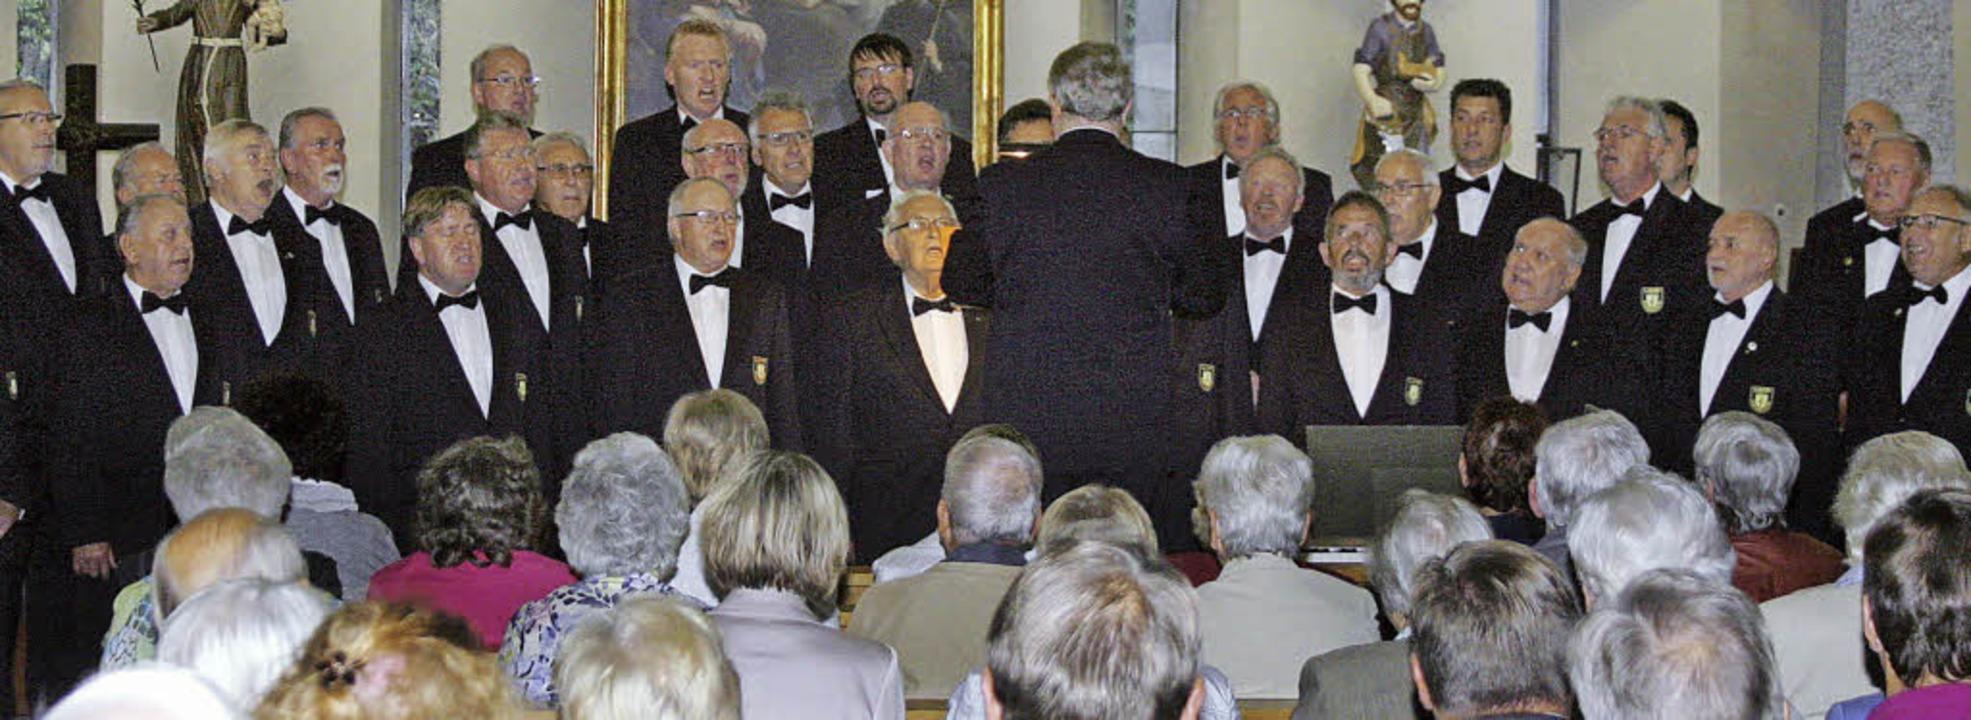 Voll besetzt war die Kirche beim Gastspiel des Polizeichores Lahr.      Foto: heidi fössel